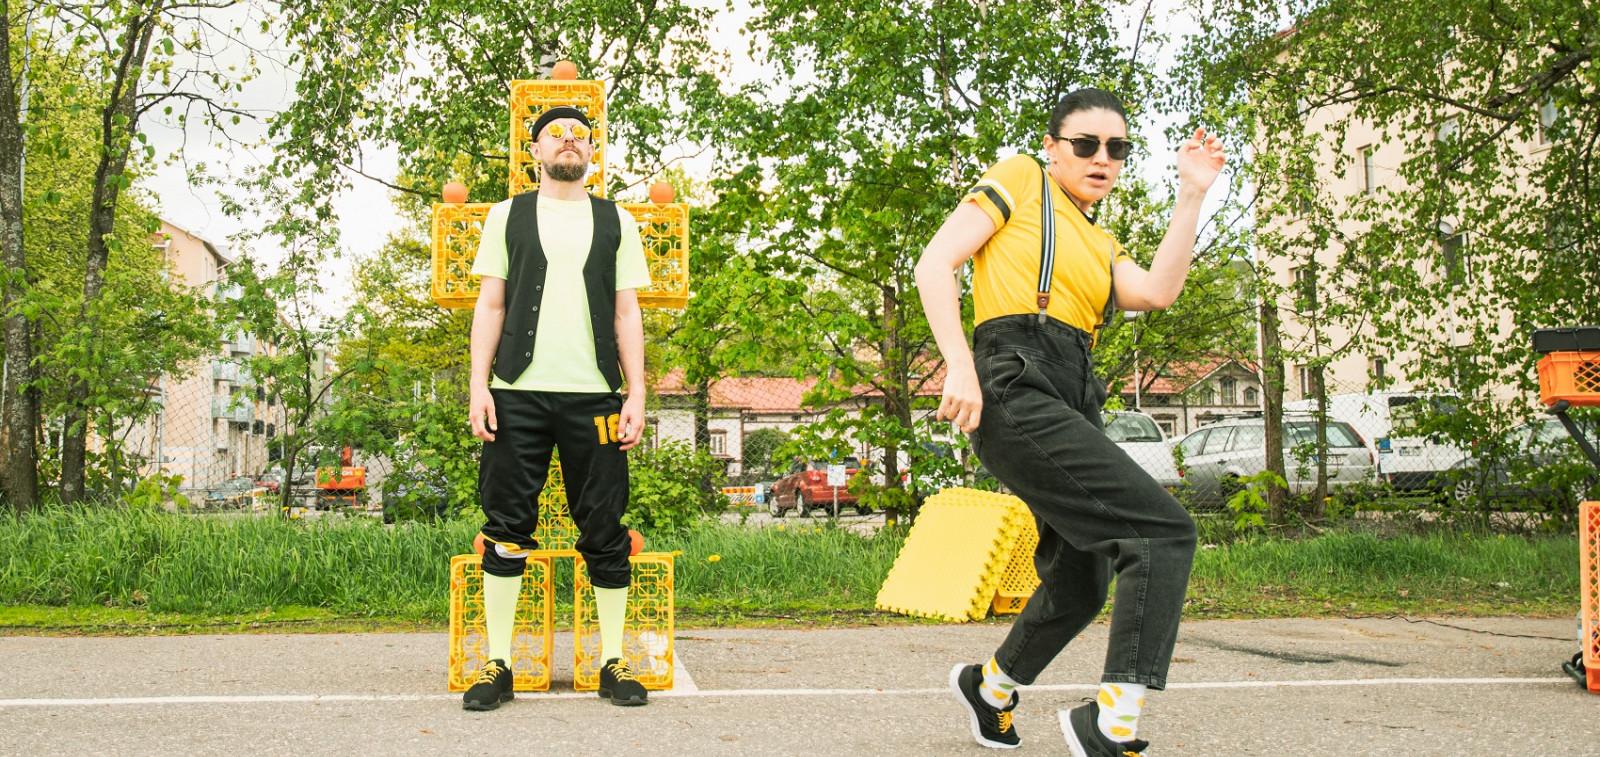 Kaksi sirkustaitelijaa keltamustissa vaatteissa